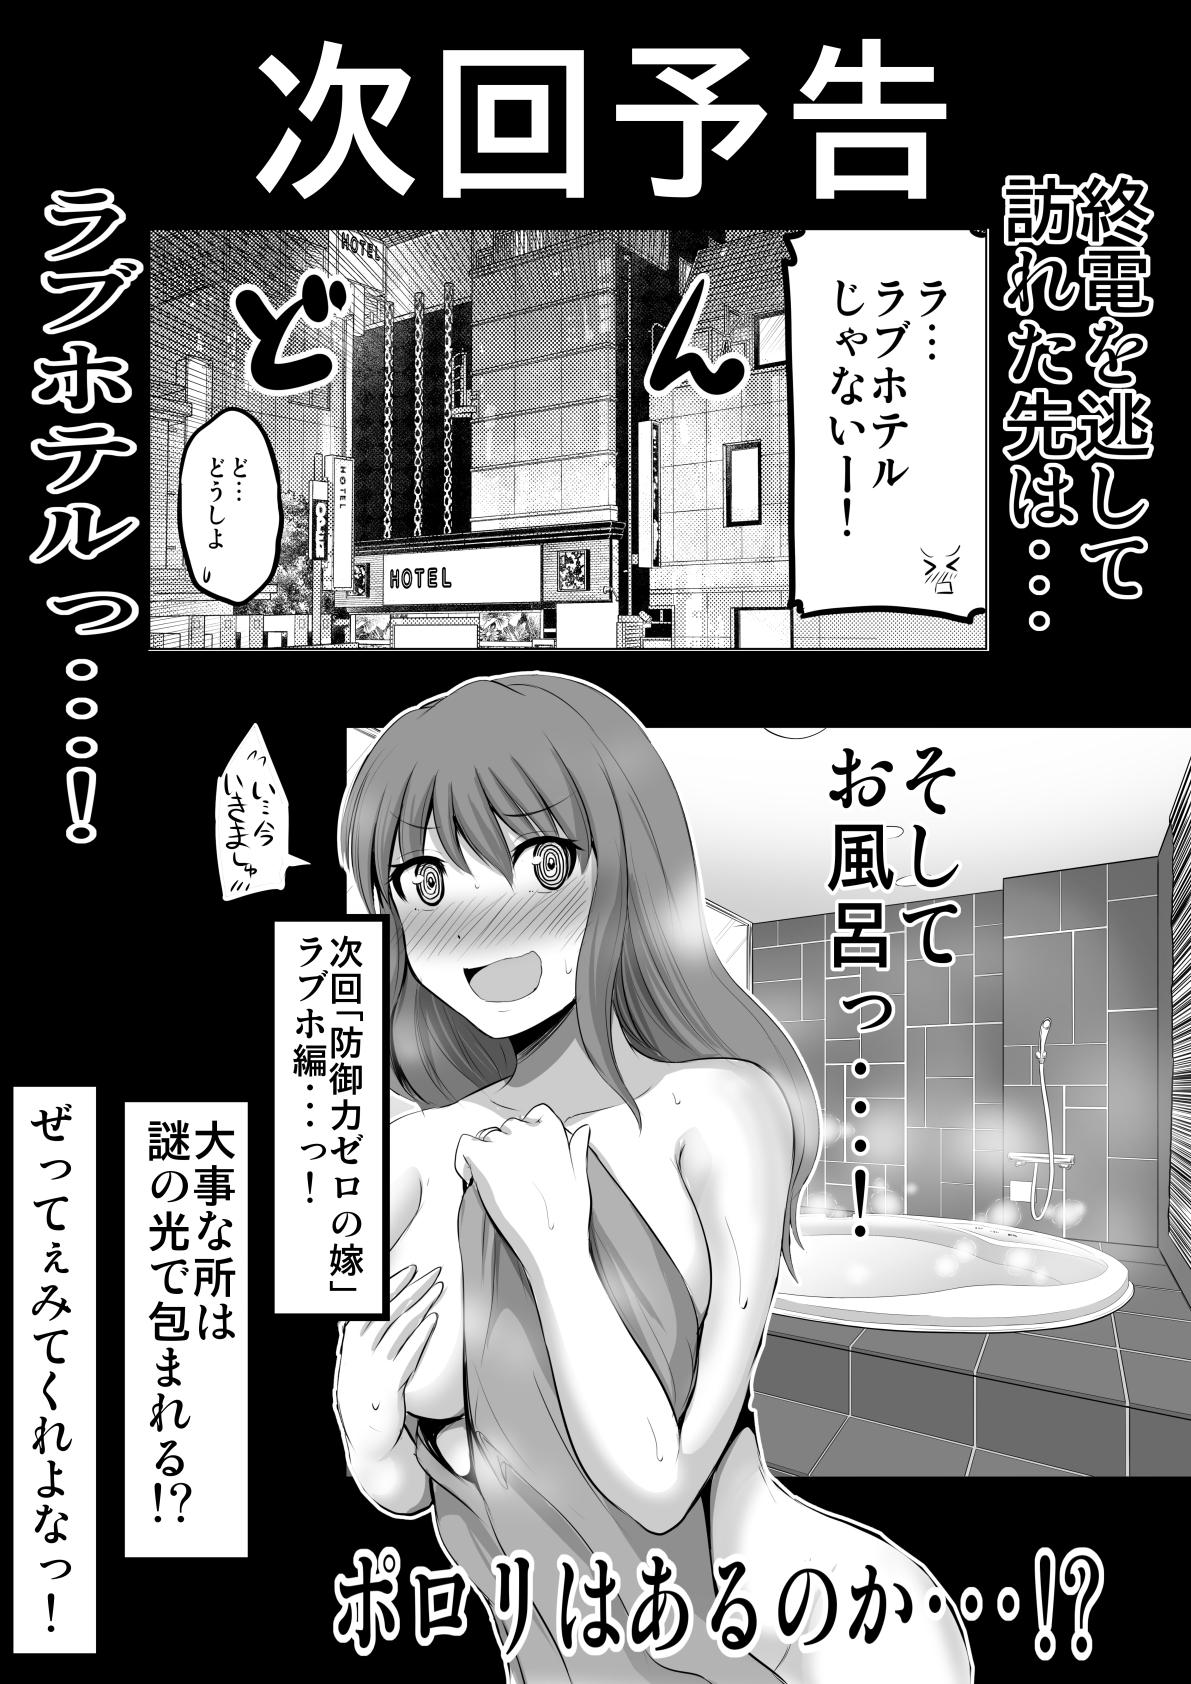 【次回予告】防御力ゼロの嫁